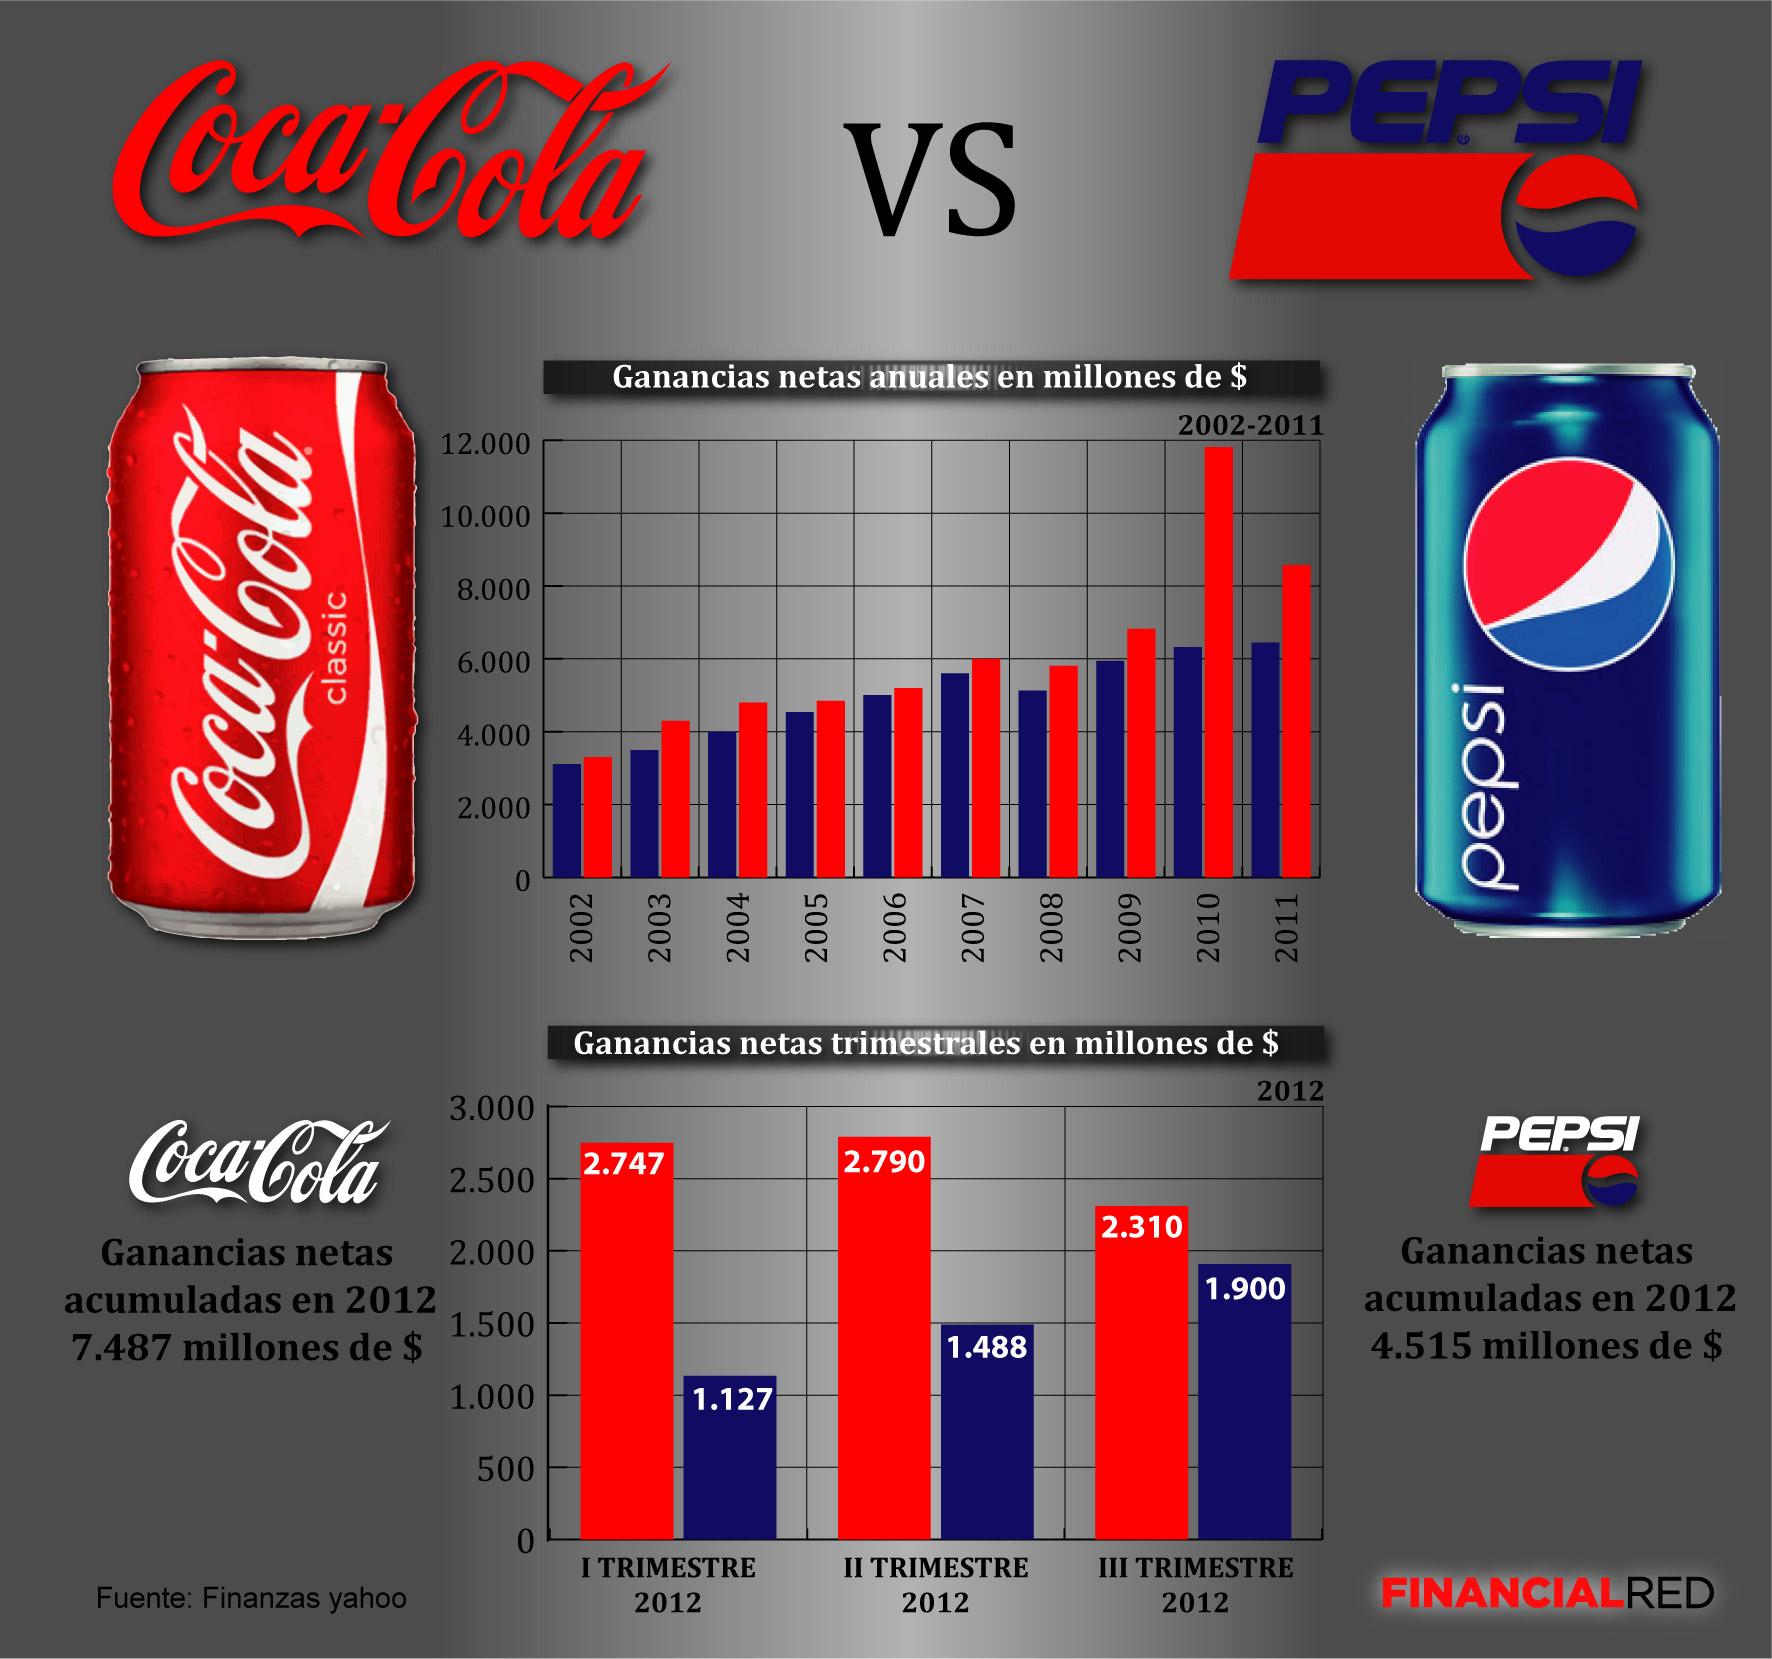 Coca cola sigue abriendo la brecha con pepsi